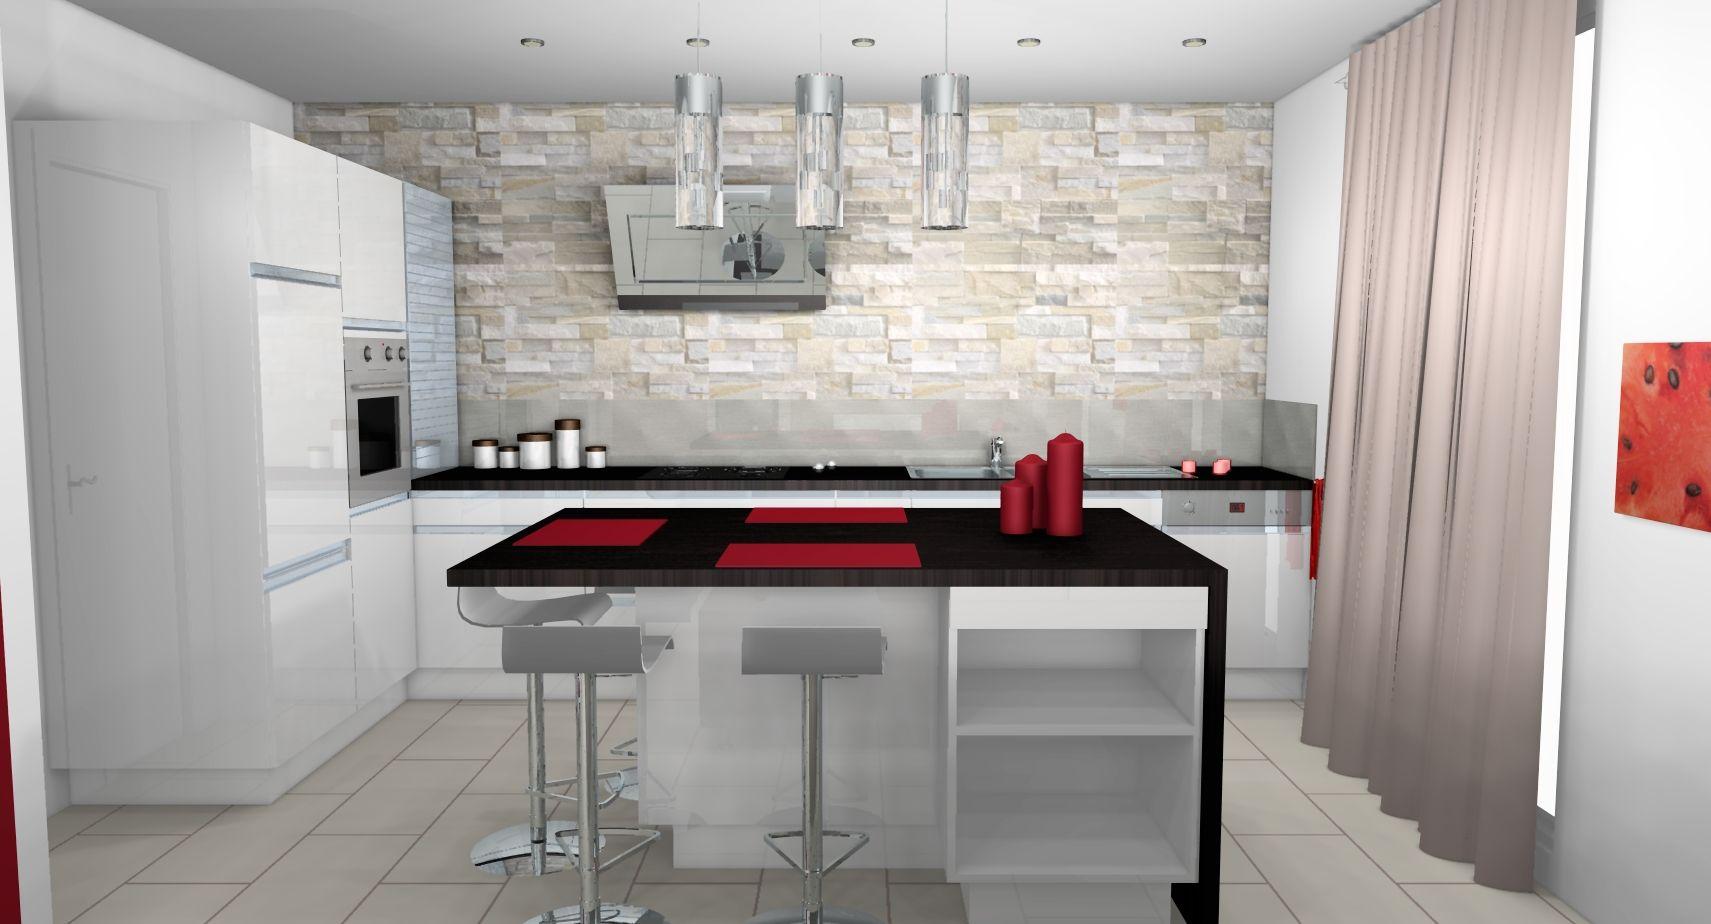 pingl par claudia provencher sur cuisine pinterest cuisines. Black Bedroom Furniture Sets. Home Design Ideas